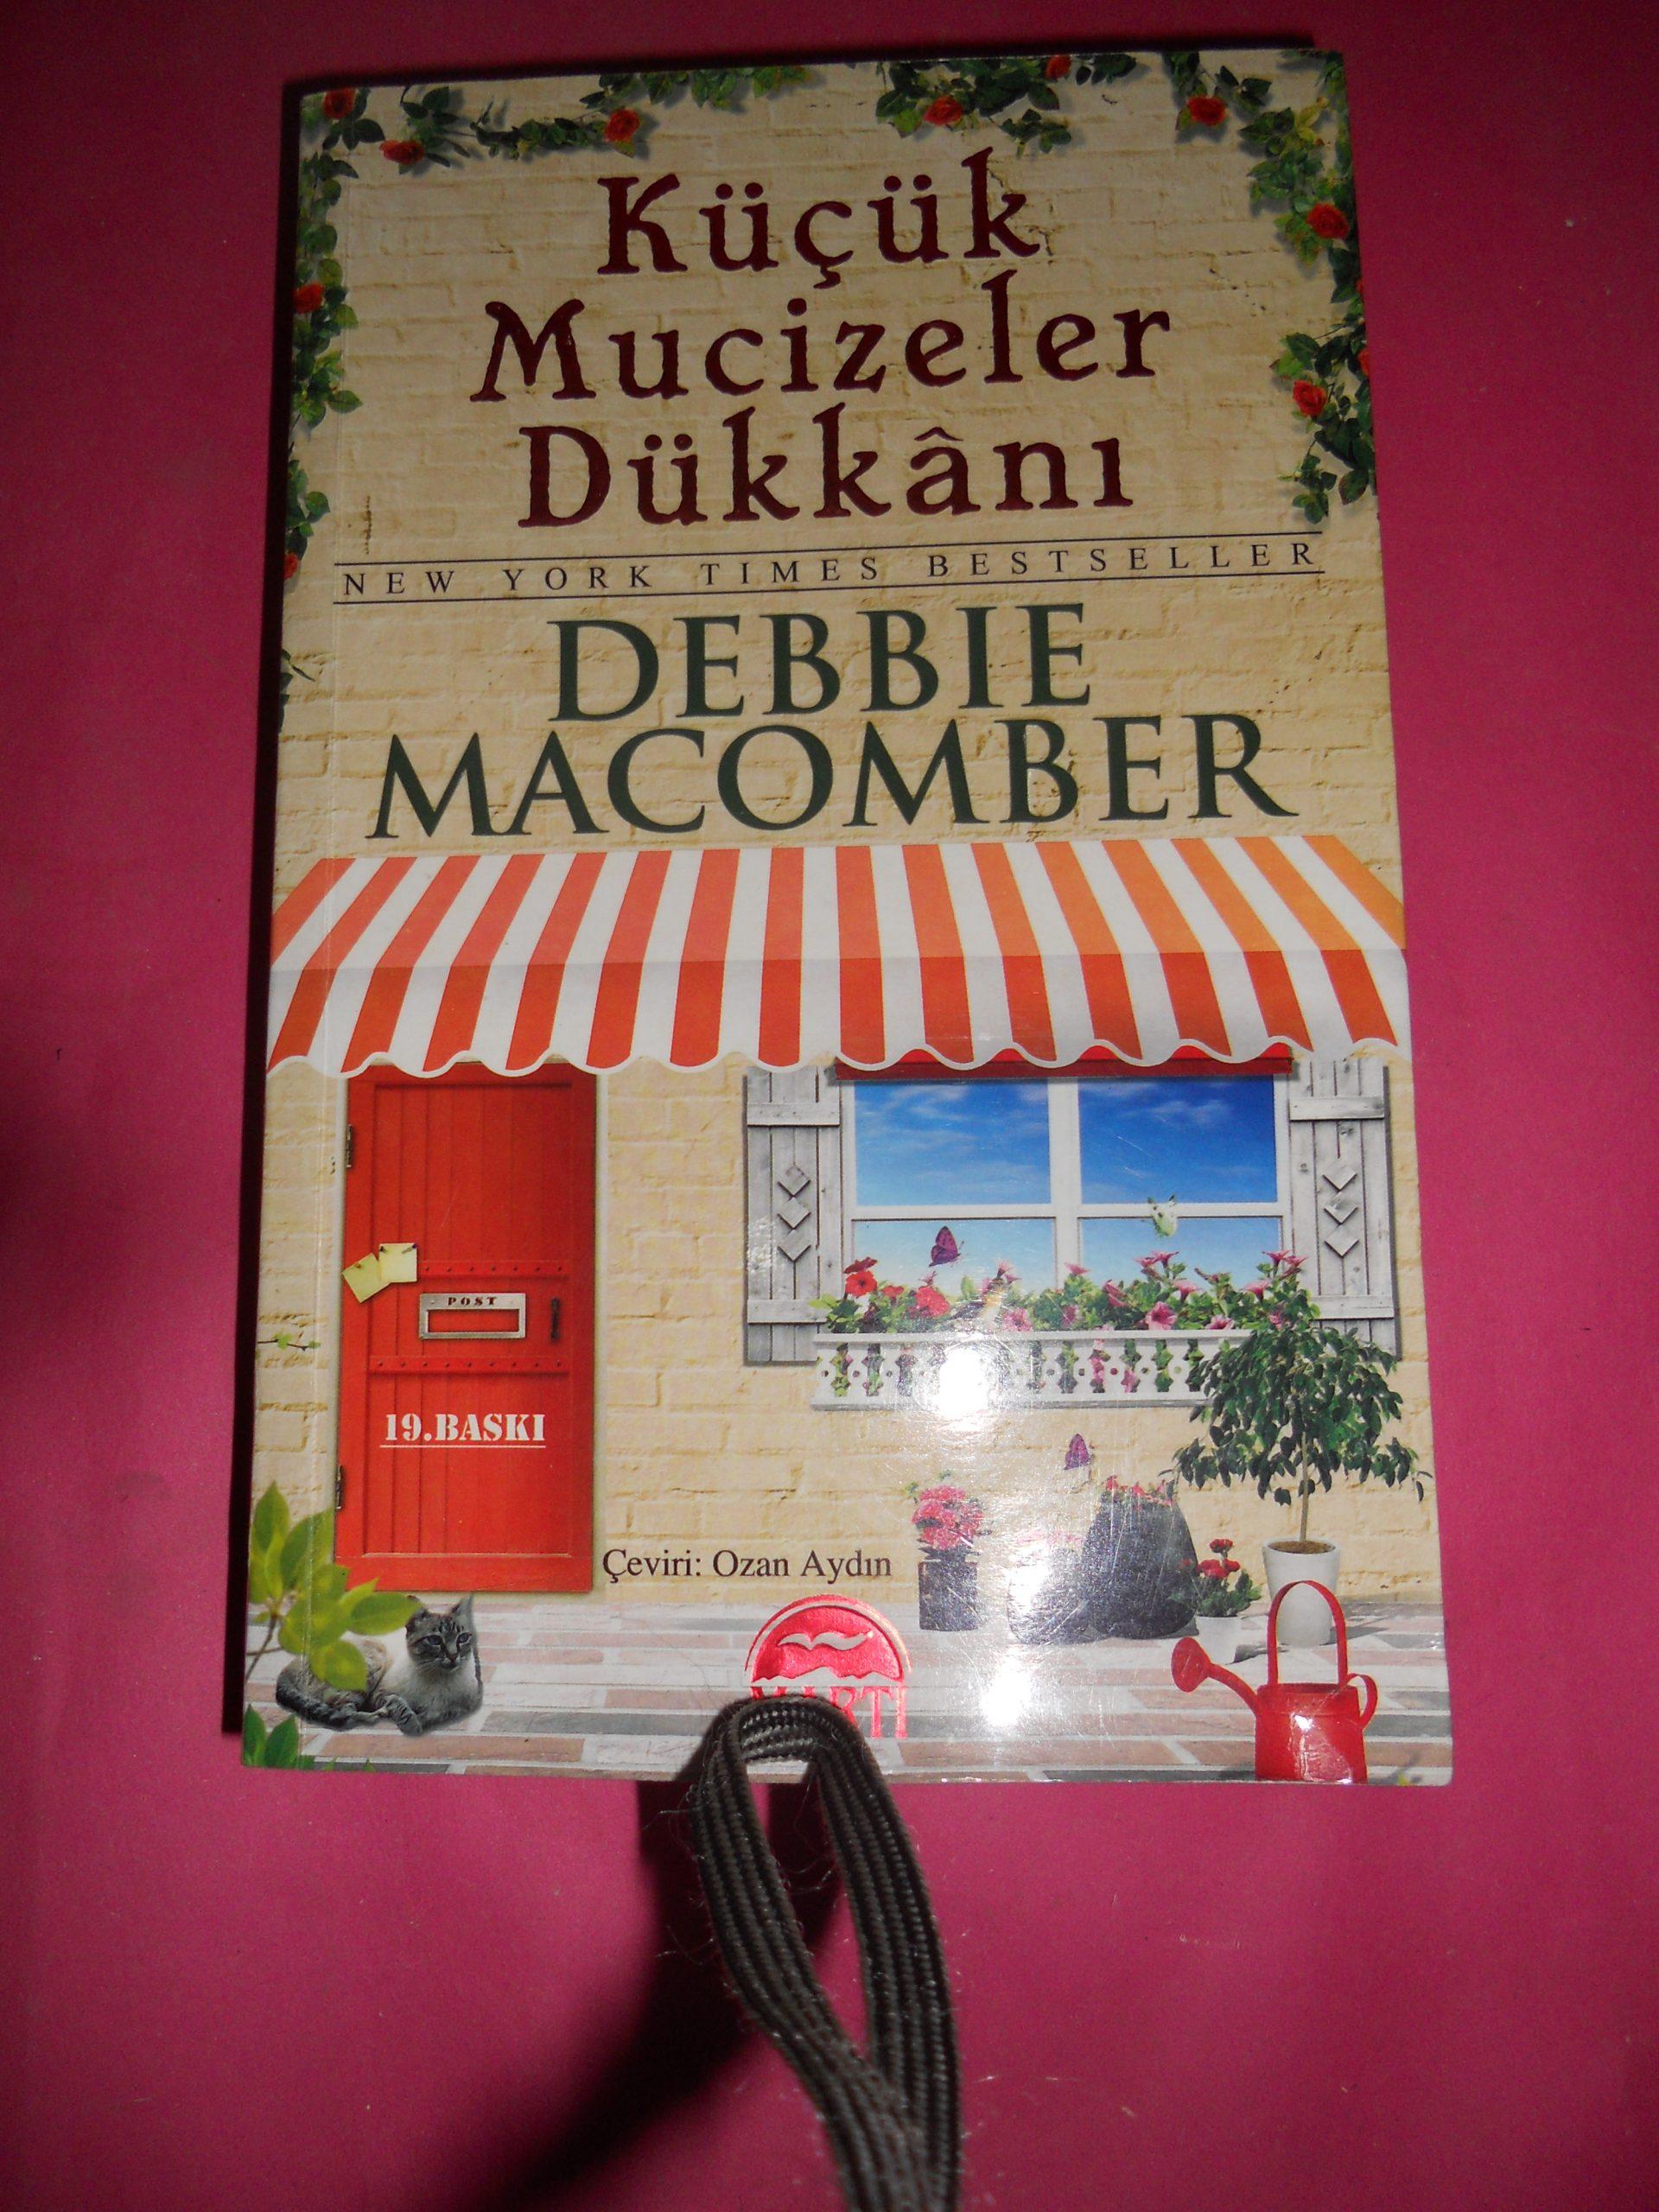 Küçük Mucizeler Dükkanı/Debbie MACOMBER/5(SATILDI)